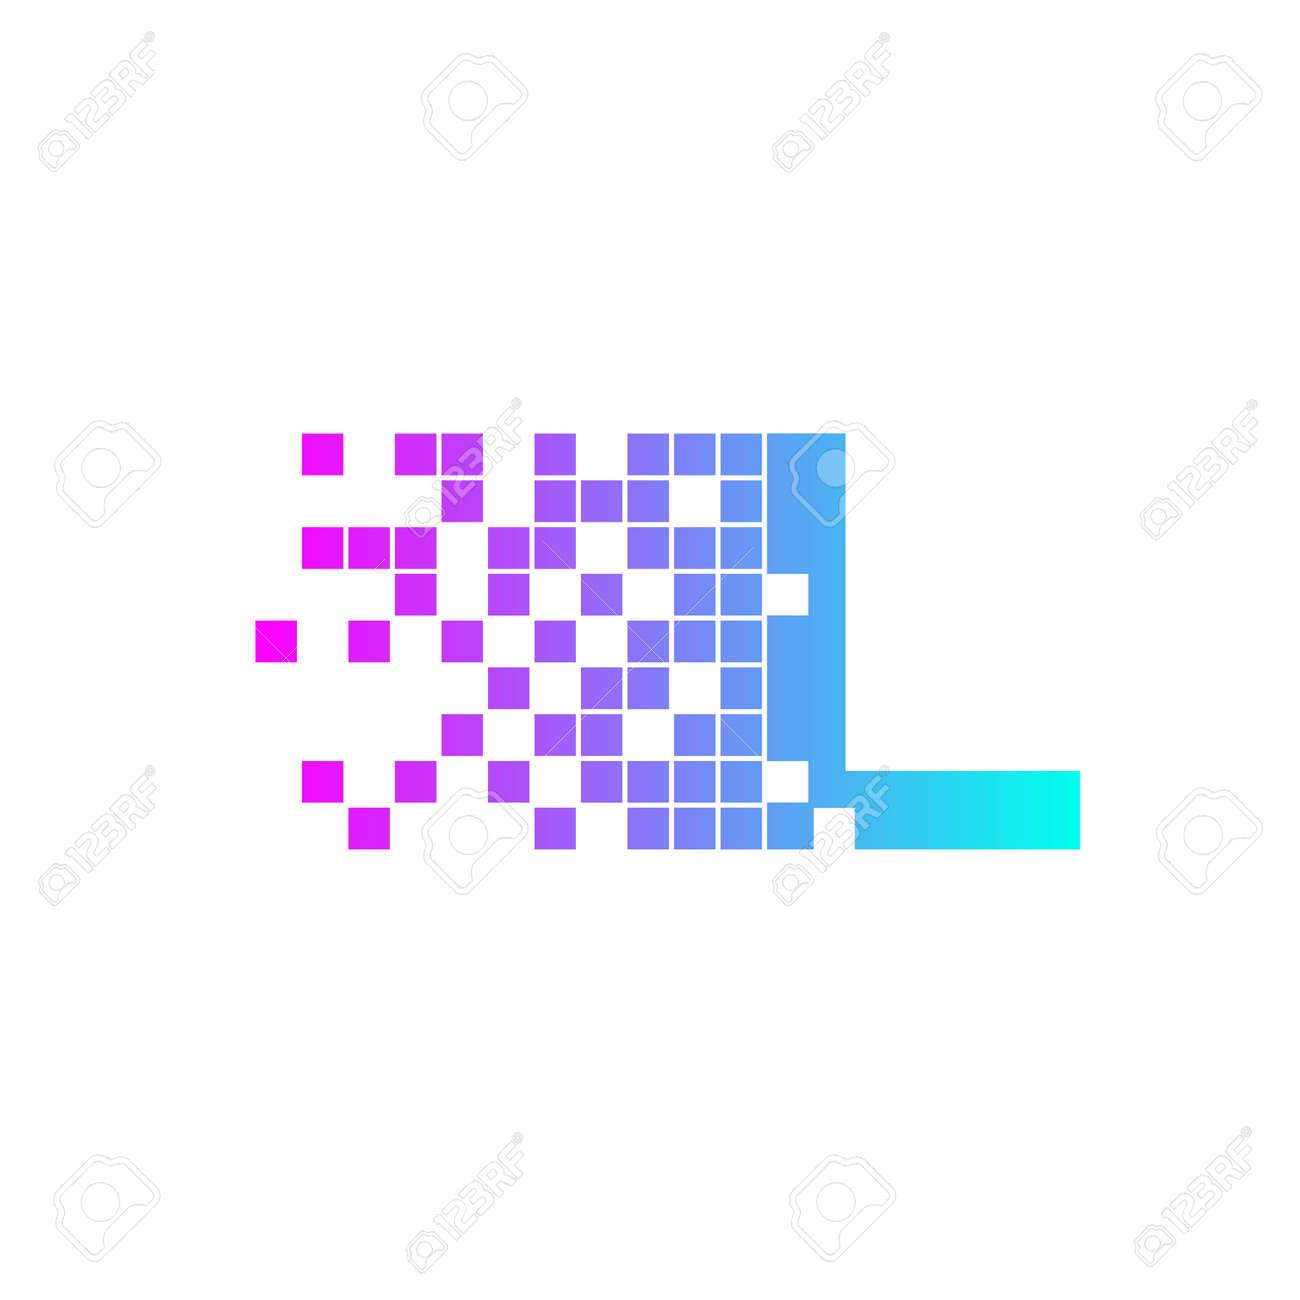 letter l logo designnetwork digital logo icon template technology logo web net